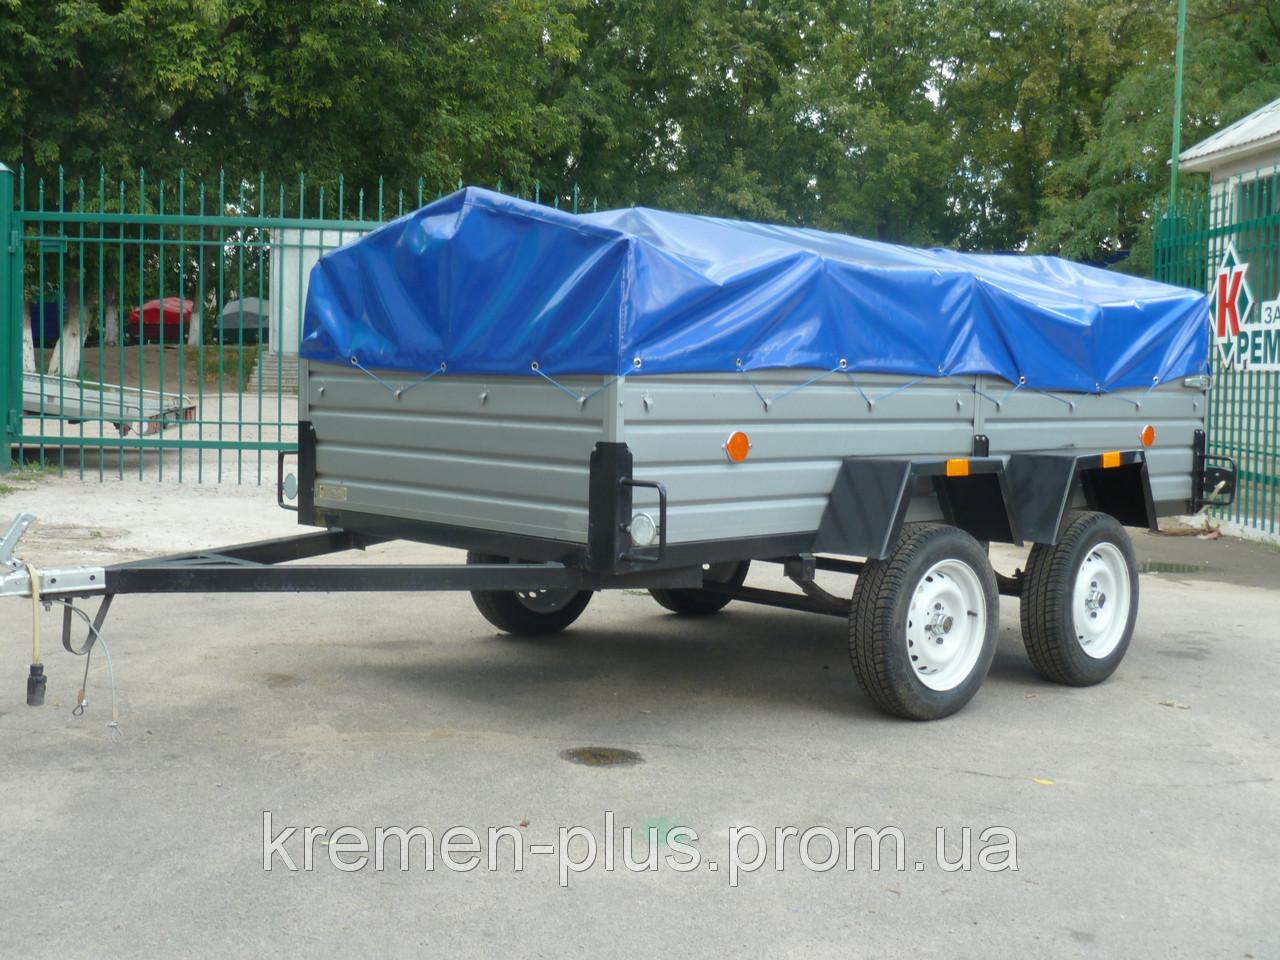 Продам легковой прицеп в Ужгороде